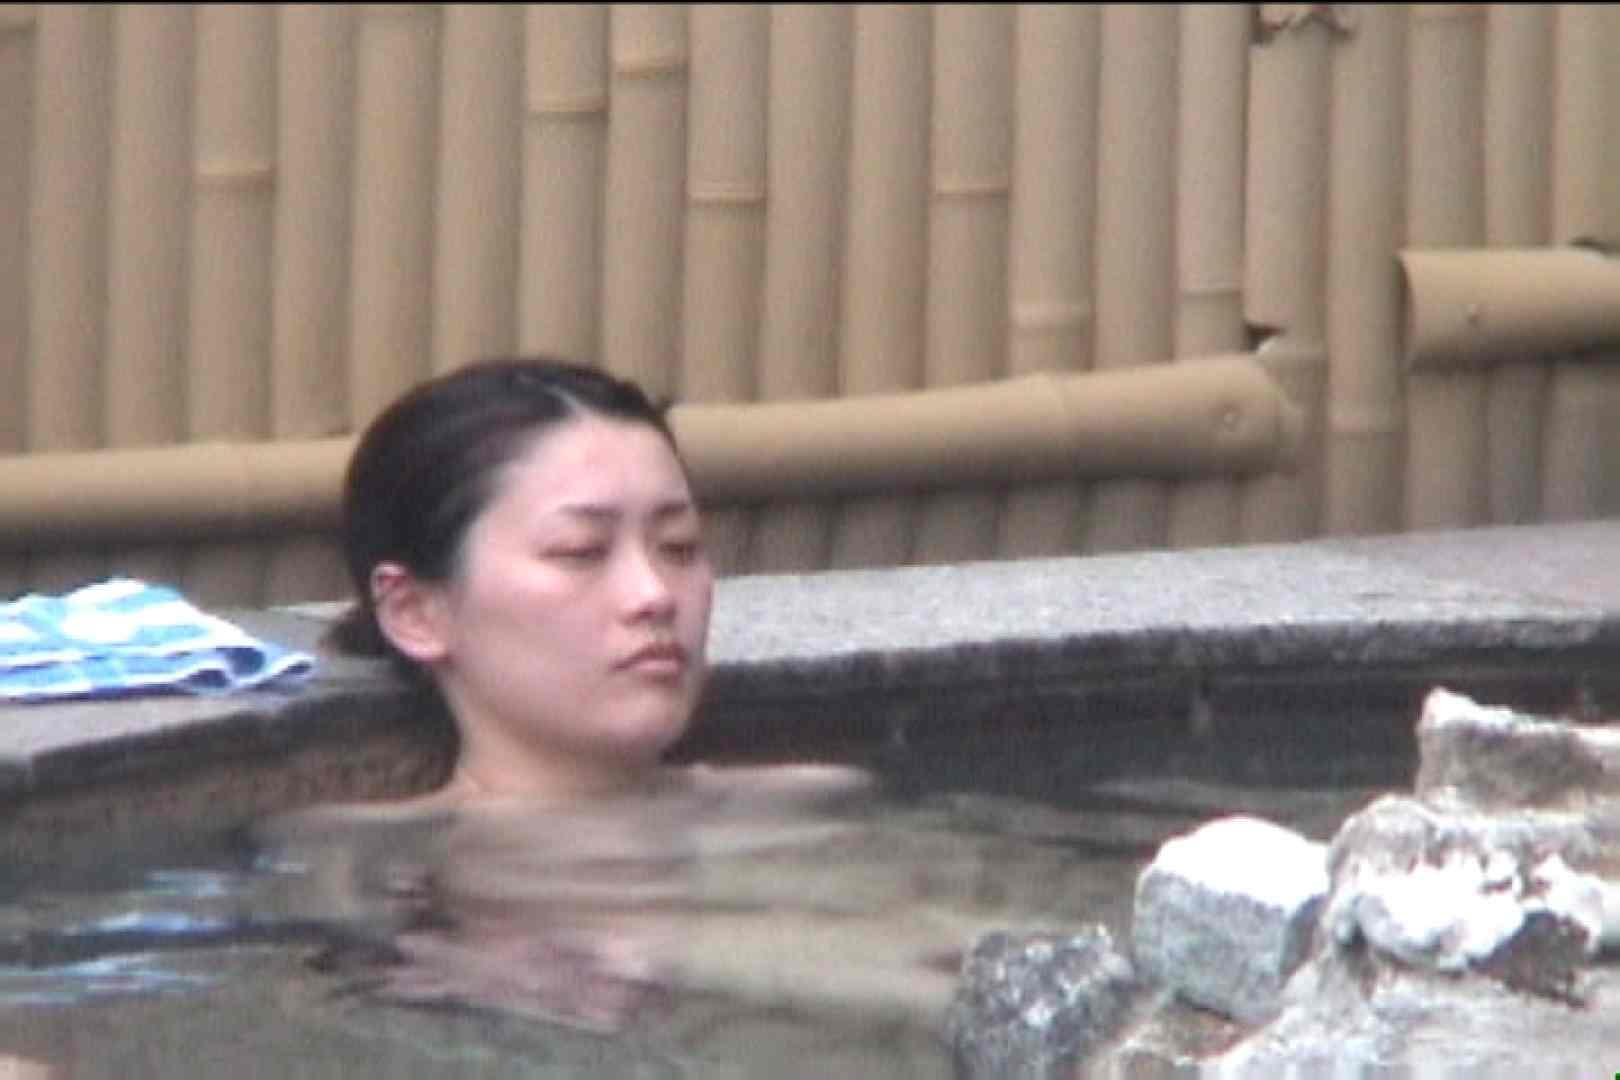 Aquaな露天風呂Vol.92【VIP限定】 盗撮  33連発 12